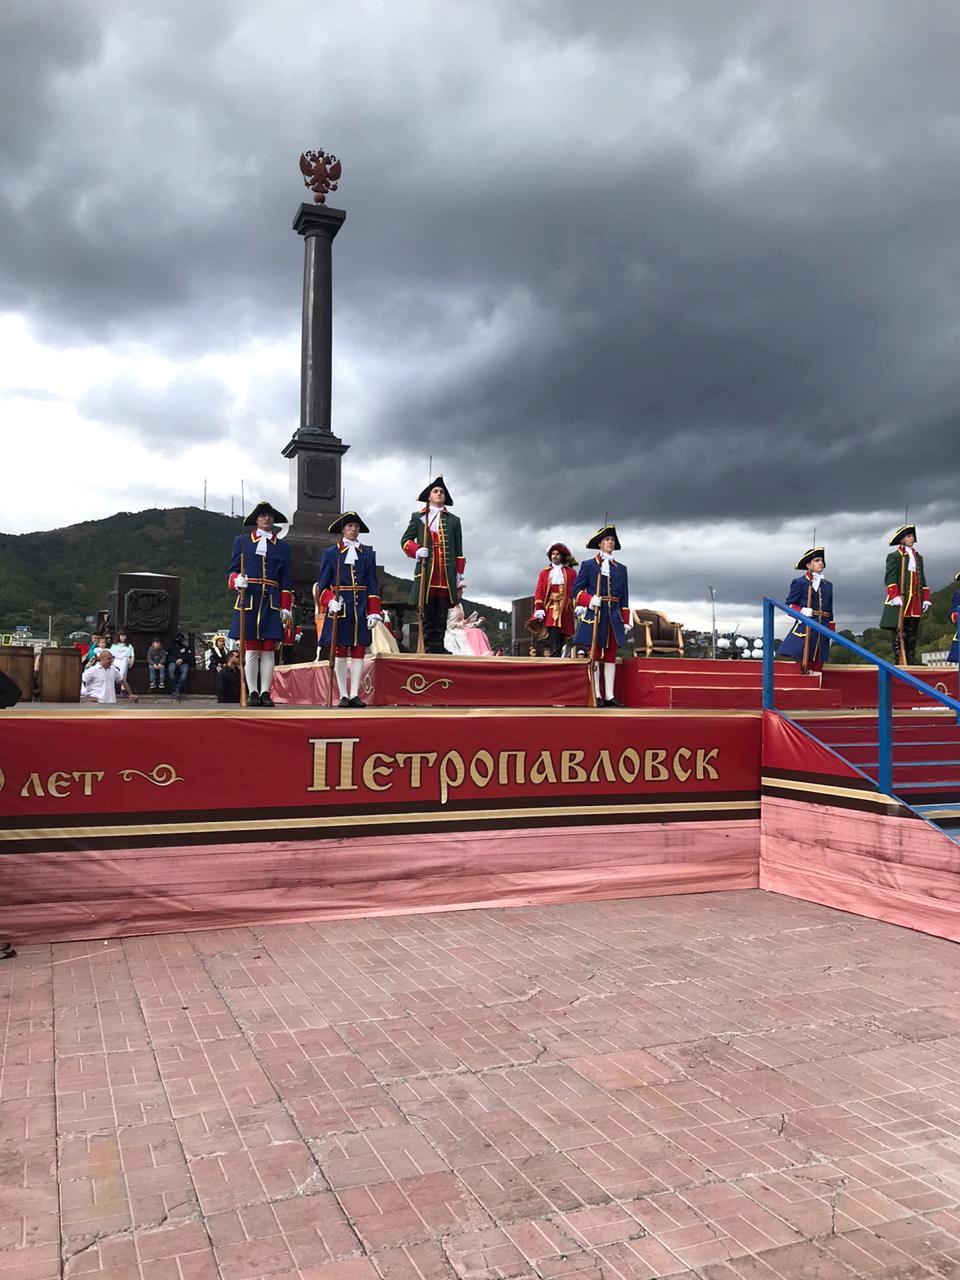 День города, юбилей петропавловска 12.09.20